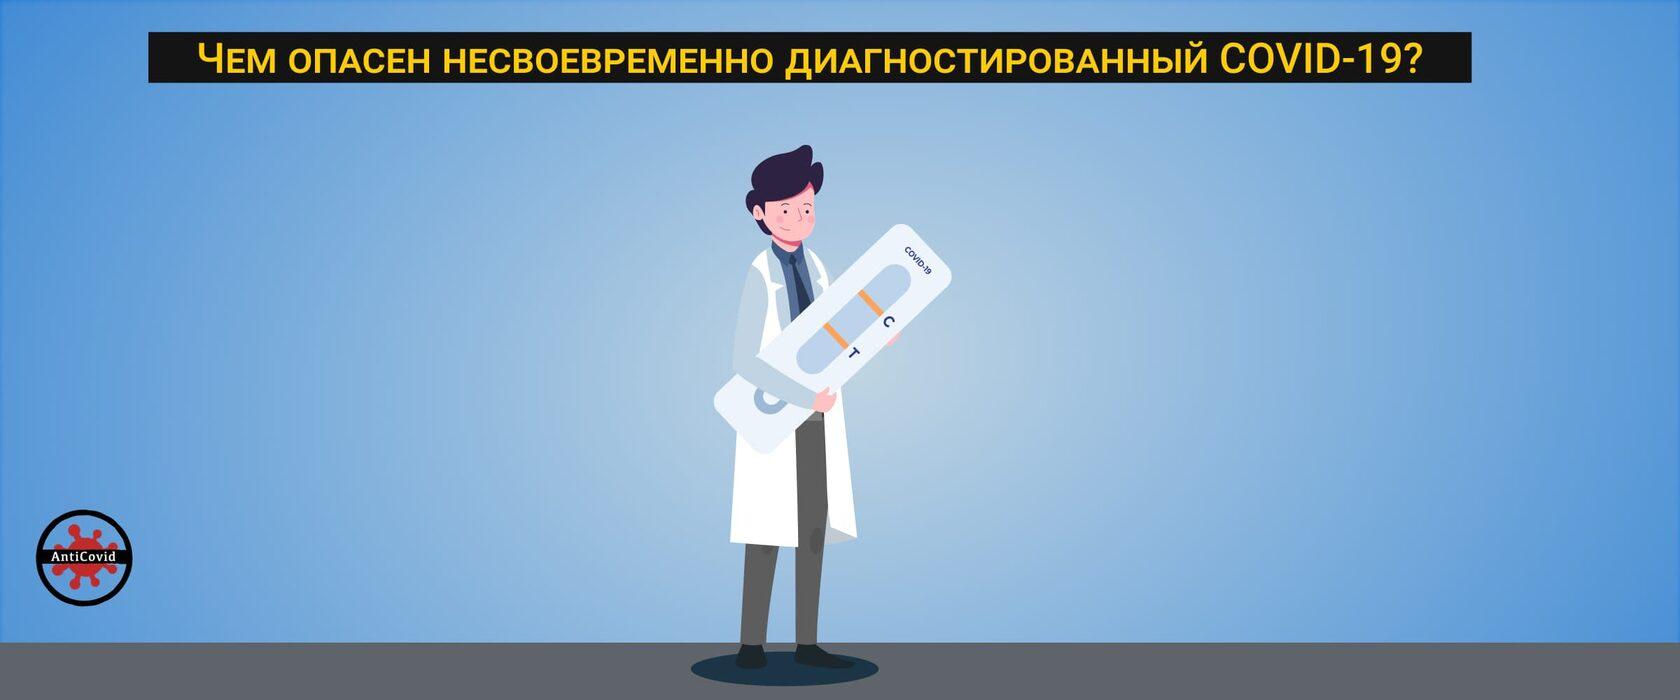 Чем опасен несвоевременно диагностированный COVID-19?